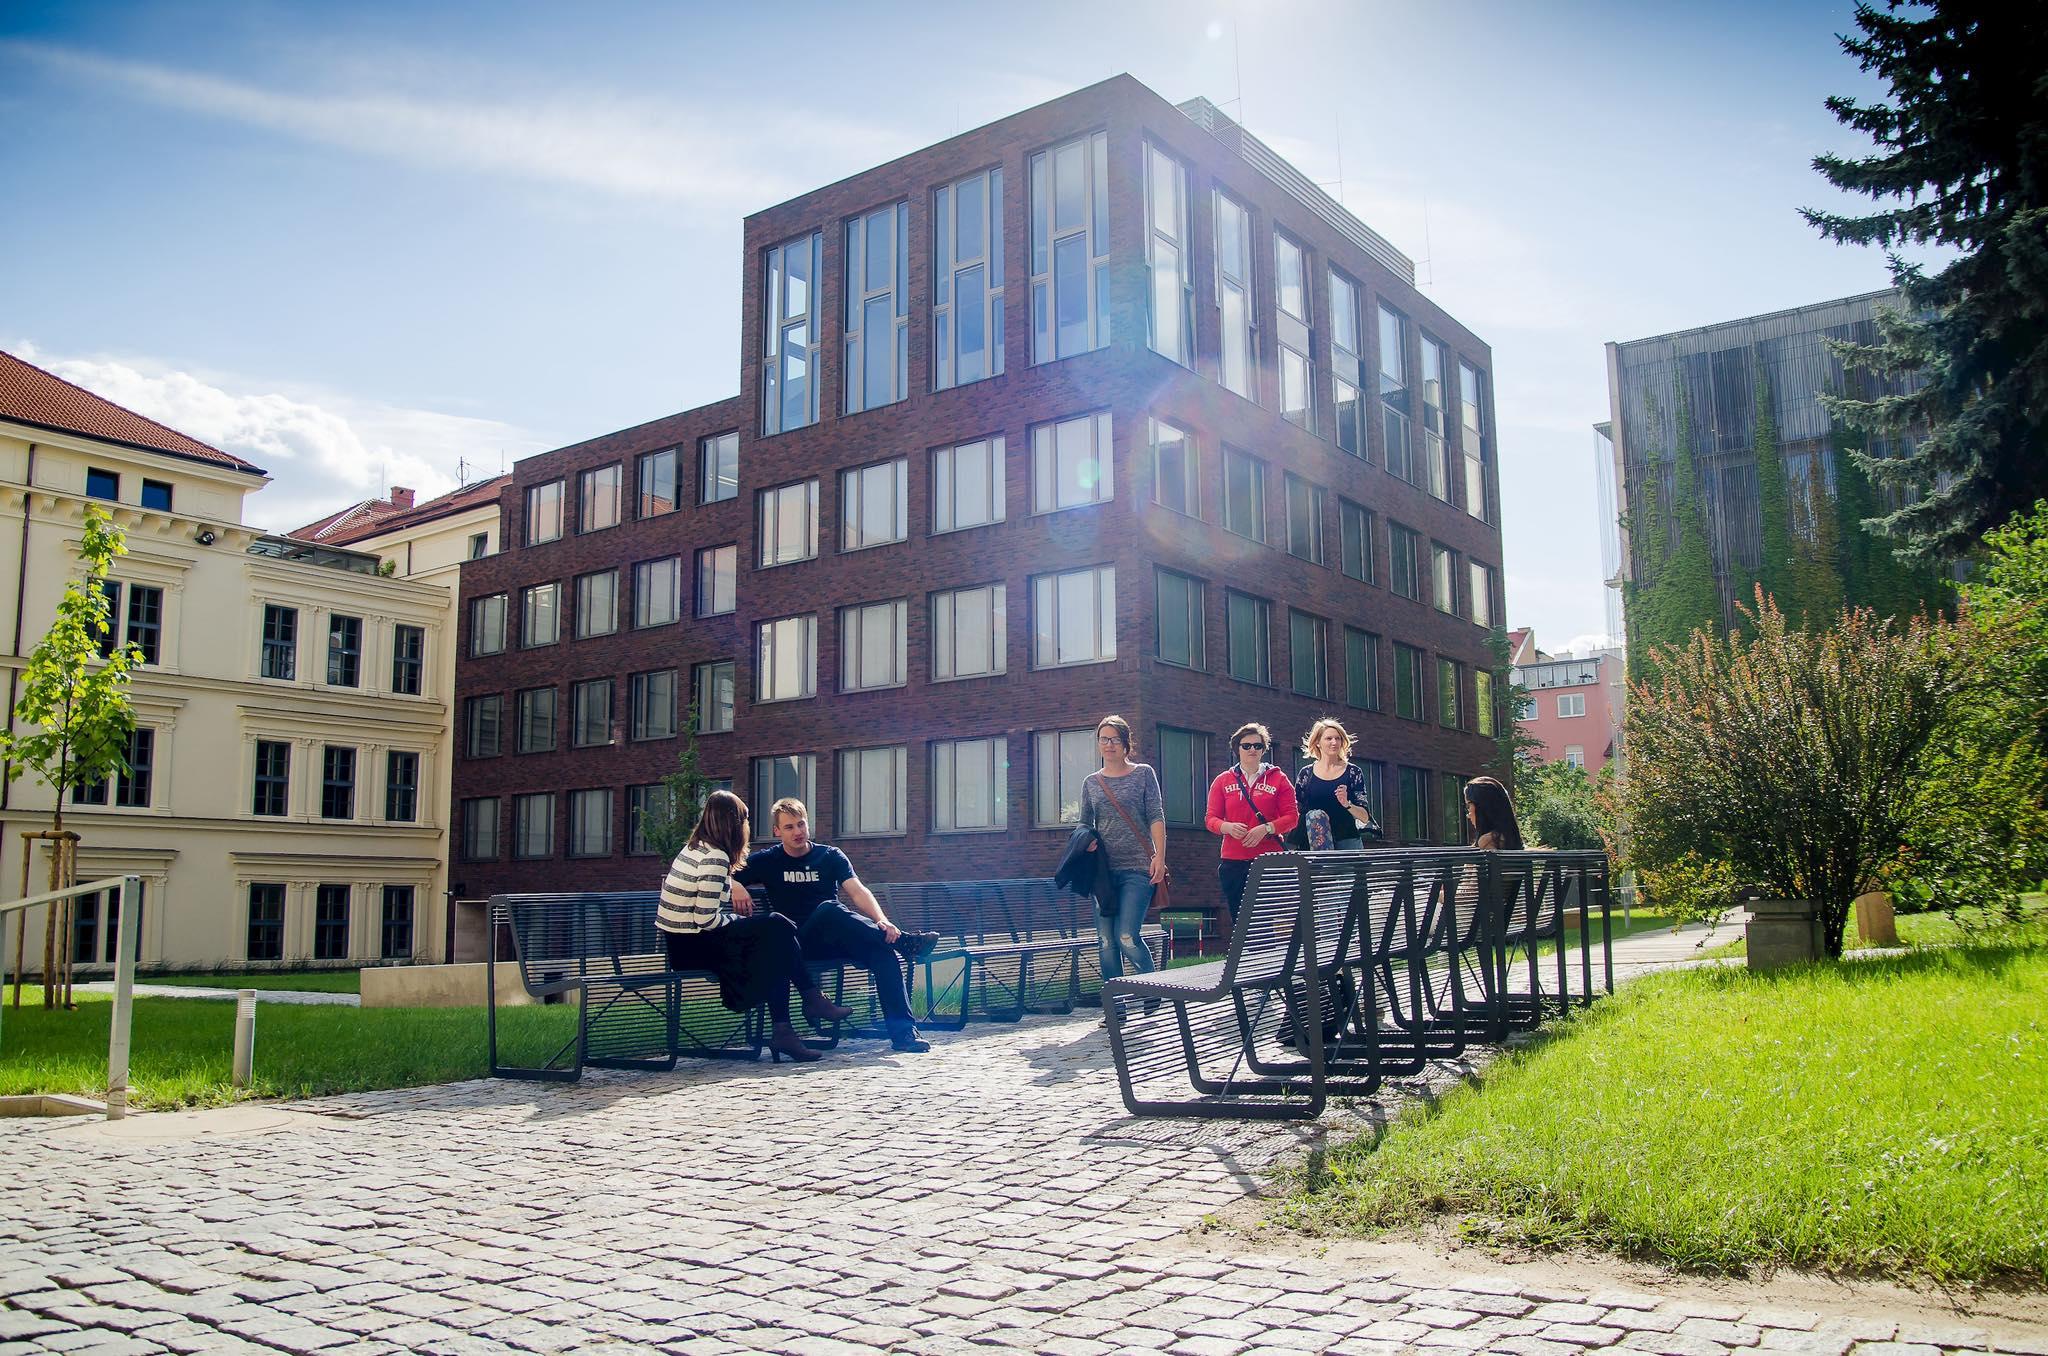 Studenti se opět budou moci pohybovat v prostorách univerzity (Zdroj: Masarykova univerzita)